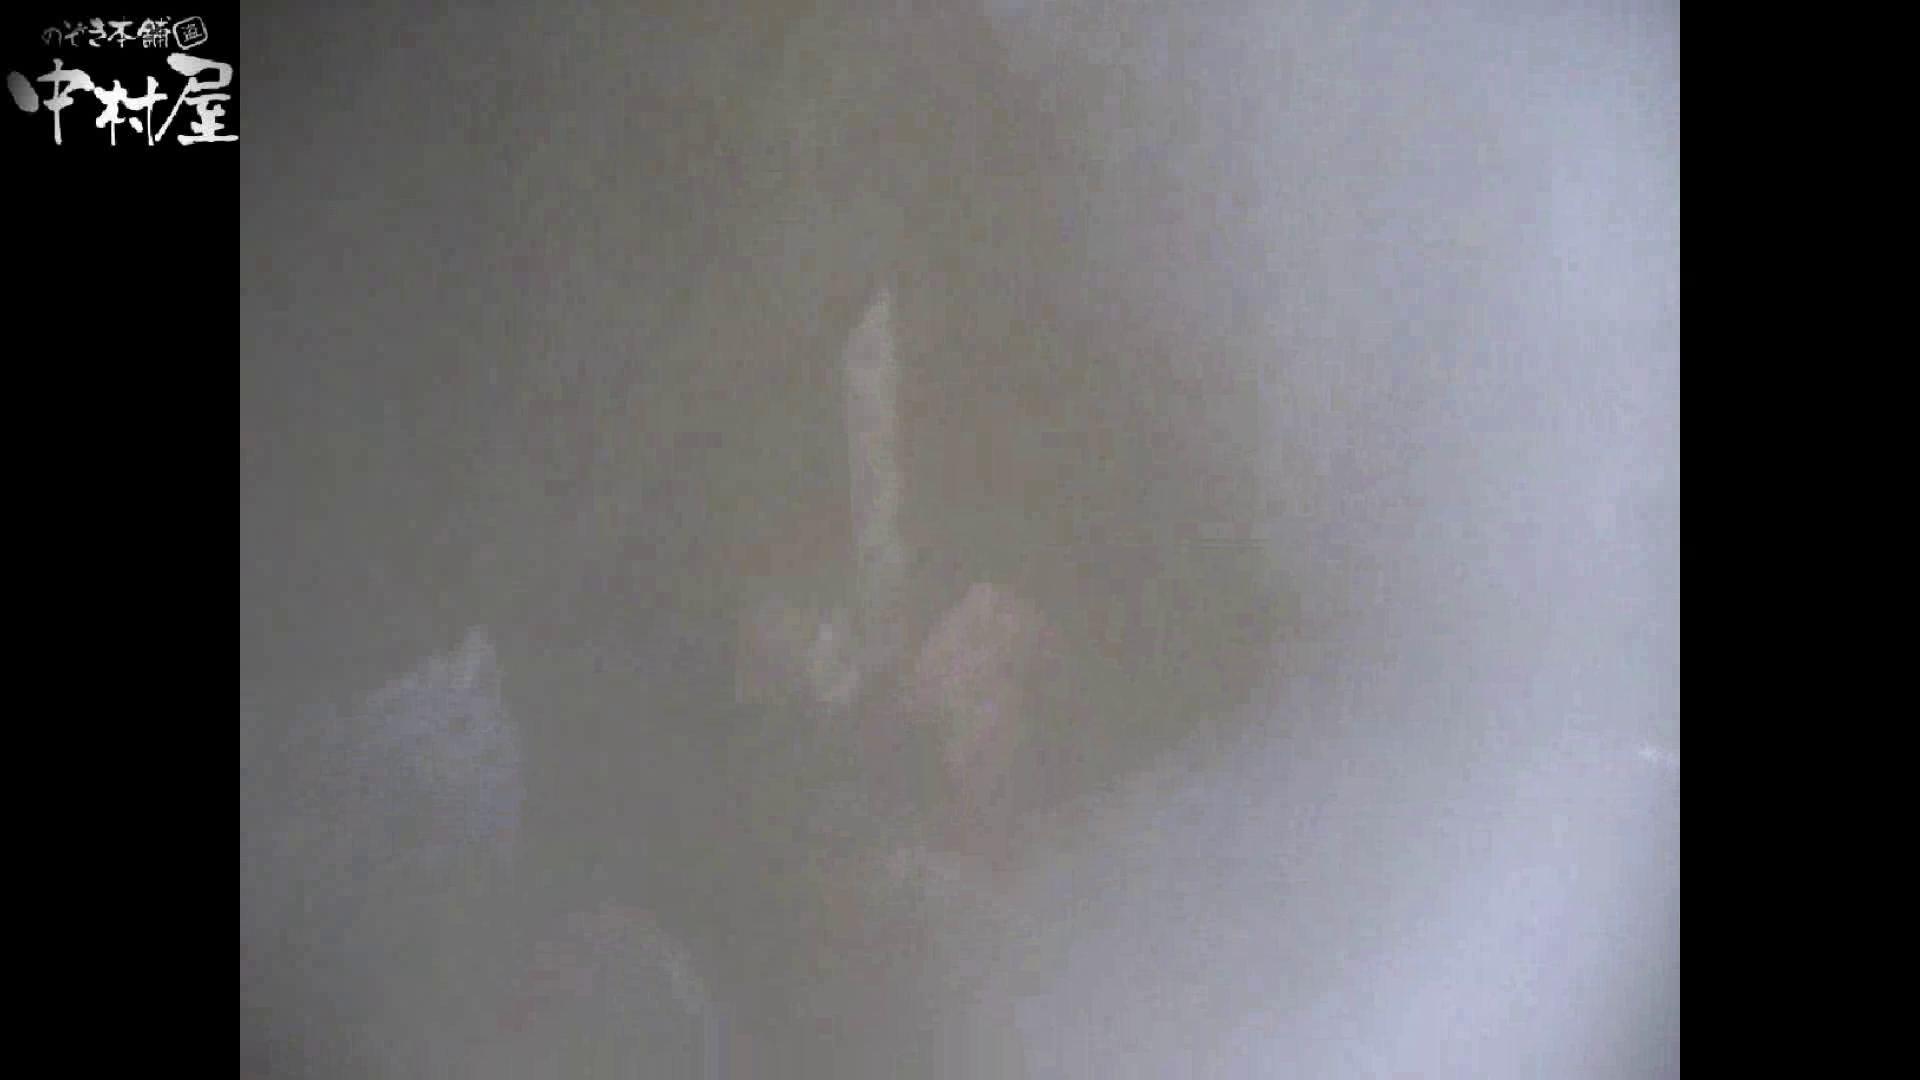 民家風呂専門盗撮師の超危険映像 vol.021 美女ヌード   美少女ヌード  65画像 55